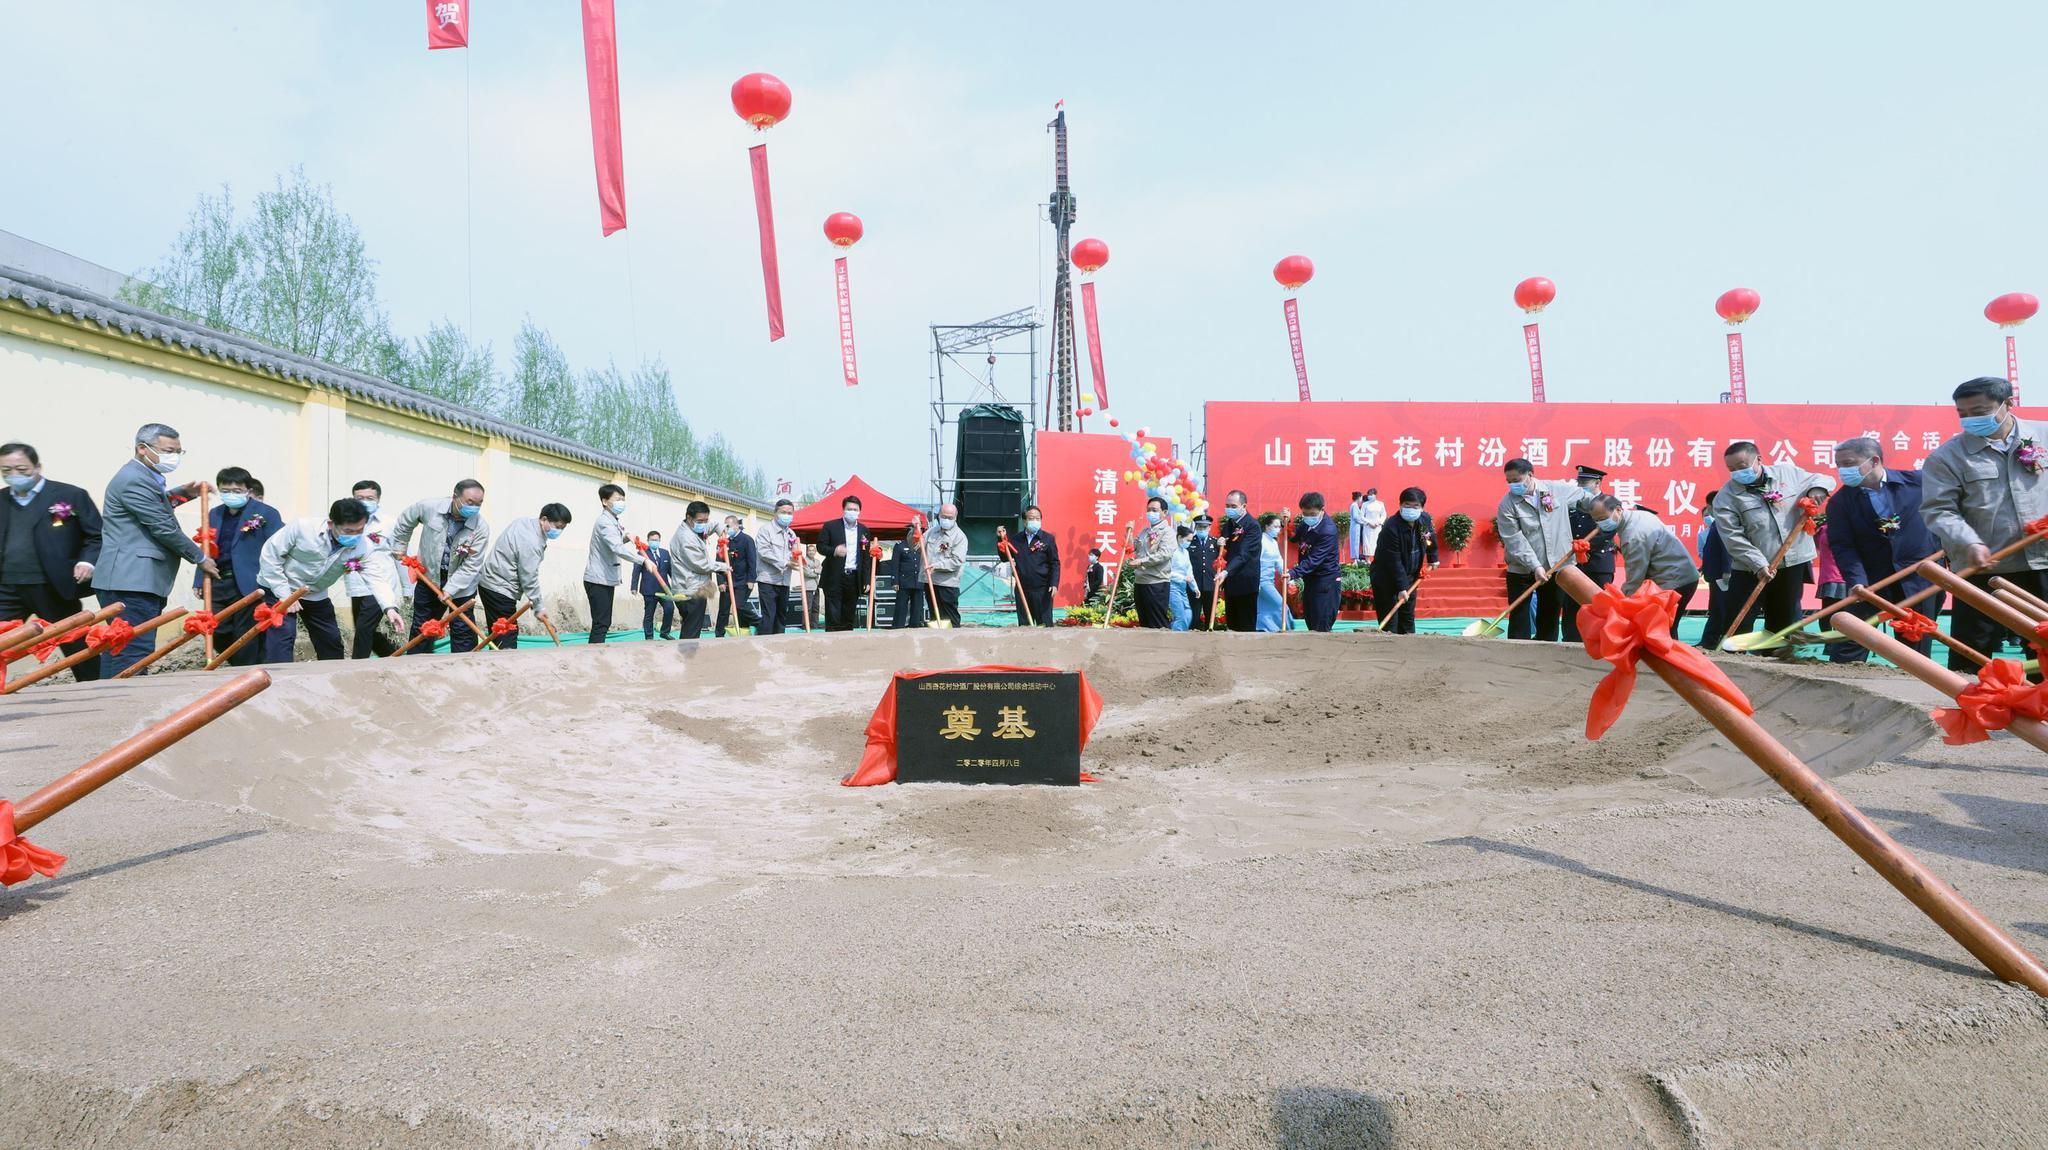 蓝冠官网:酒综合活动中心销蓝冠官网售中心项图片